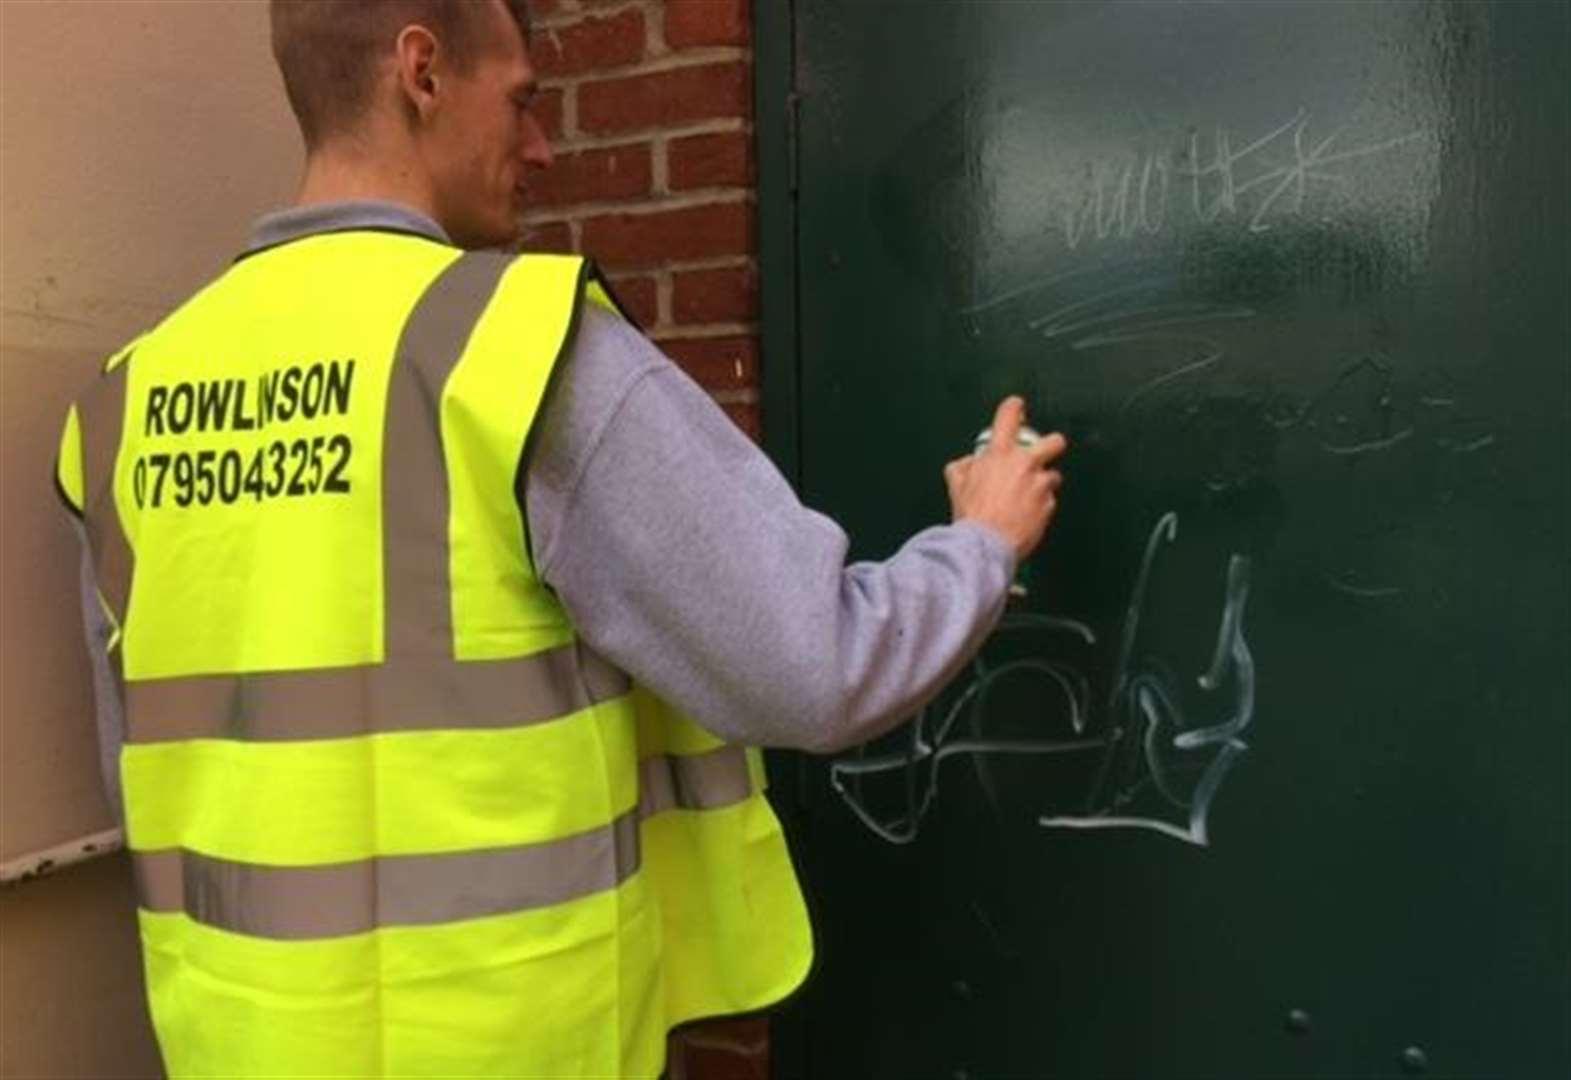 Bury St Edmunds Town Council Joins Battle Against Graffiti